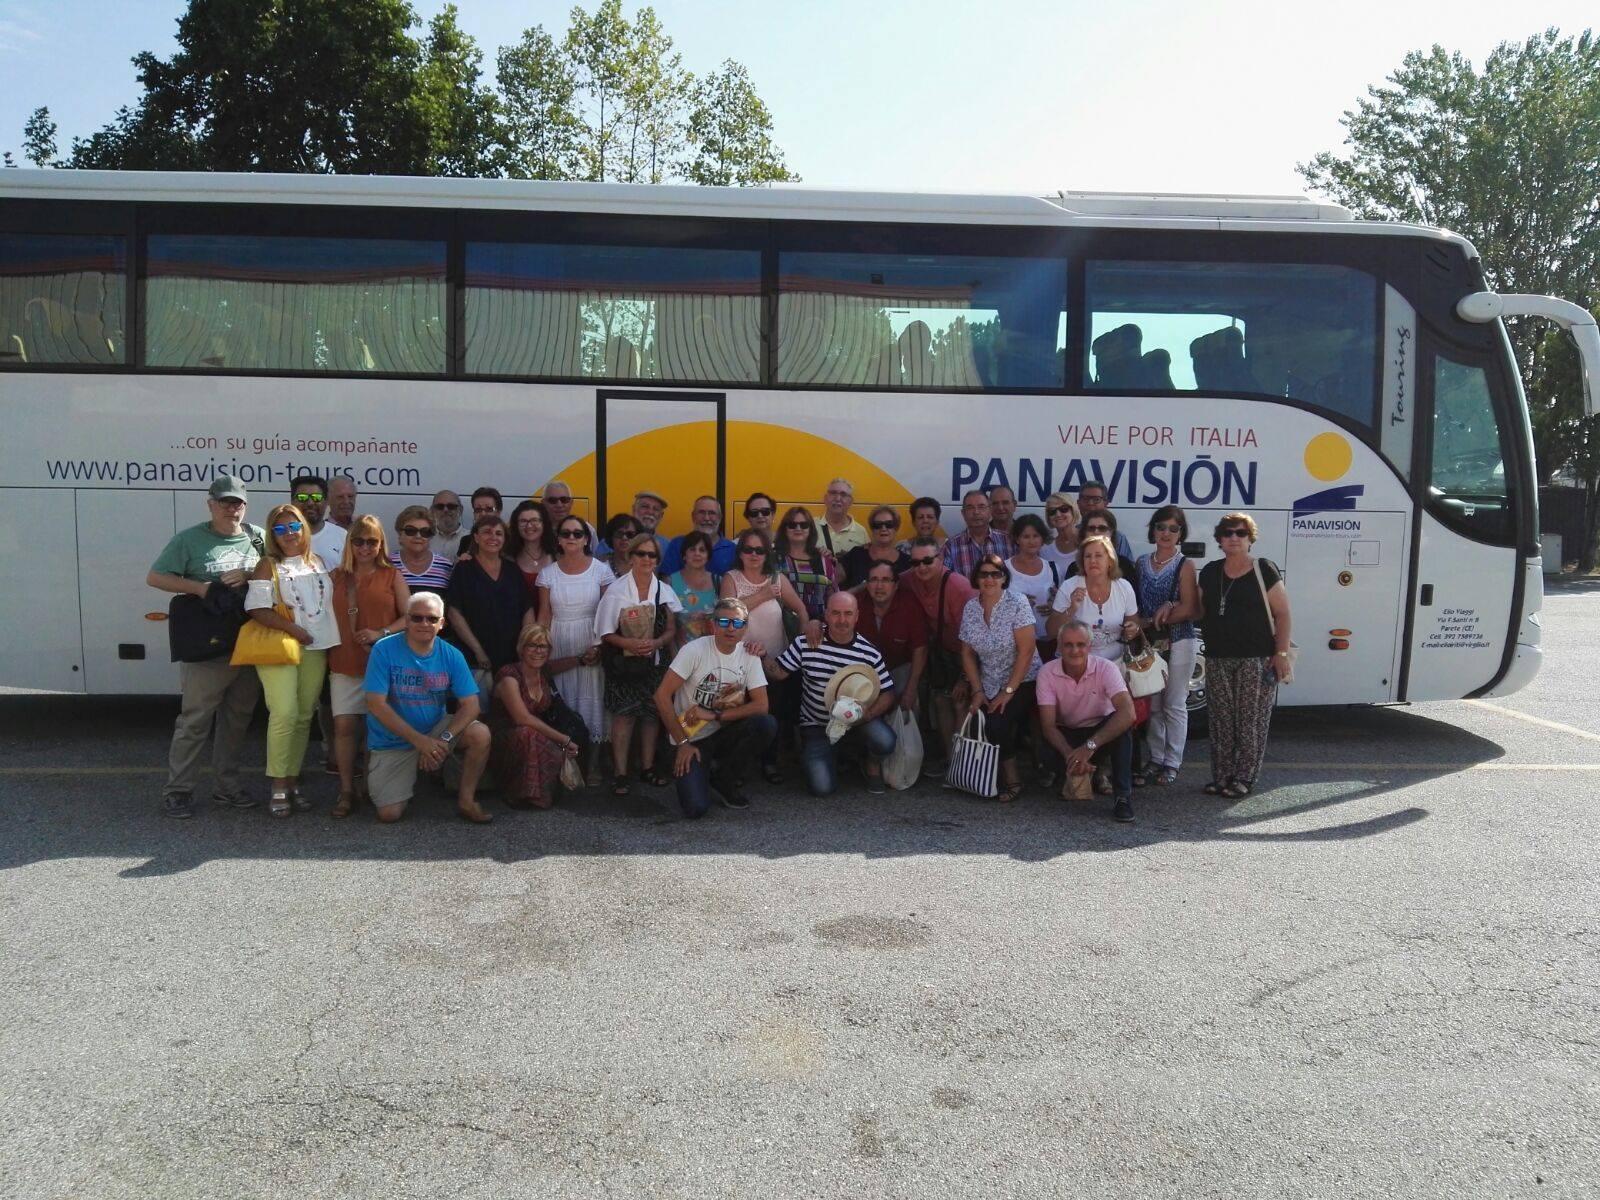 Compartimos alguna de las últimas opiniones que nos han llegado de nuestros viajes. Fotografía cortesía de Esteban Hernandez. Grupo viaje a Italia del 2 de agosto.